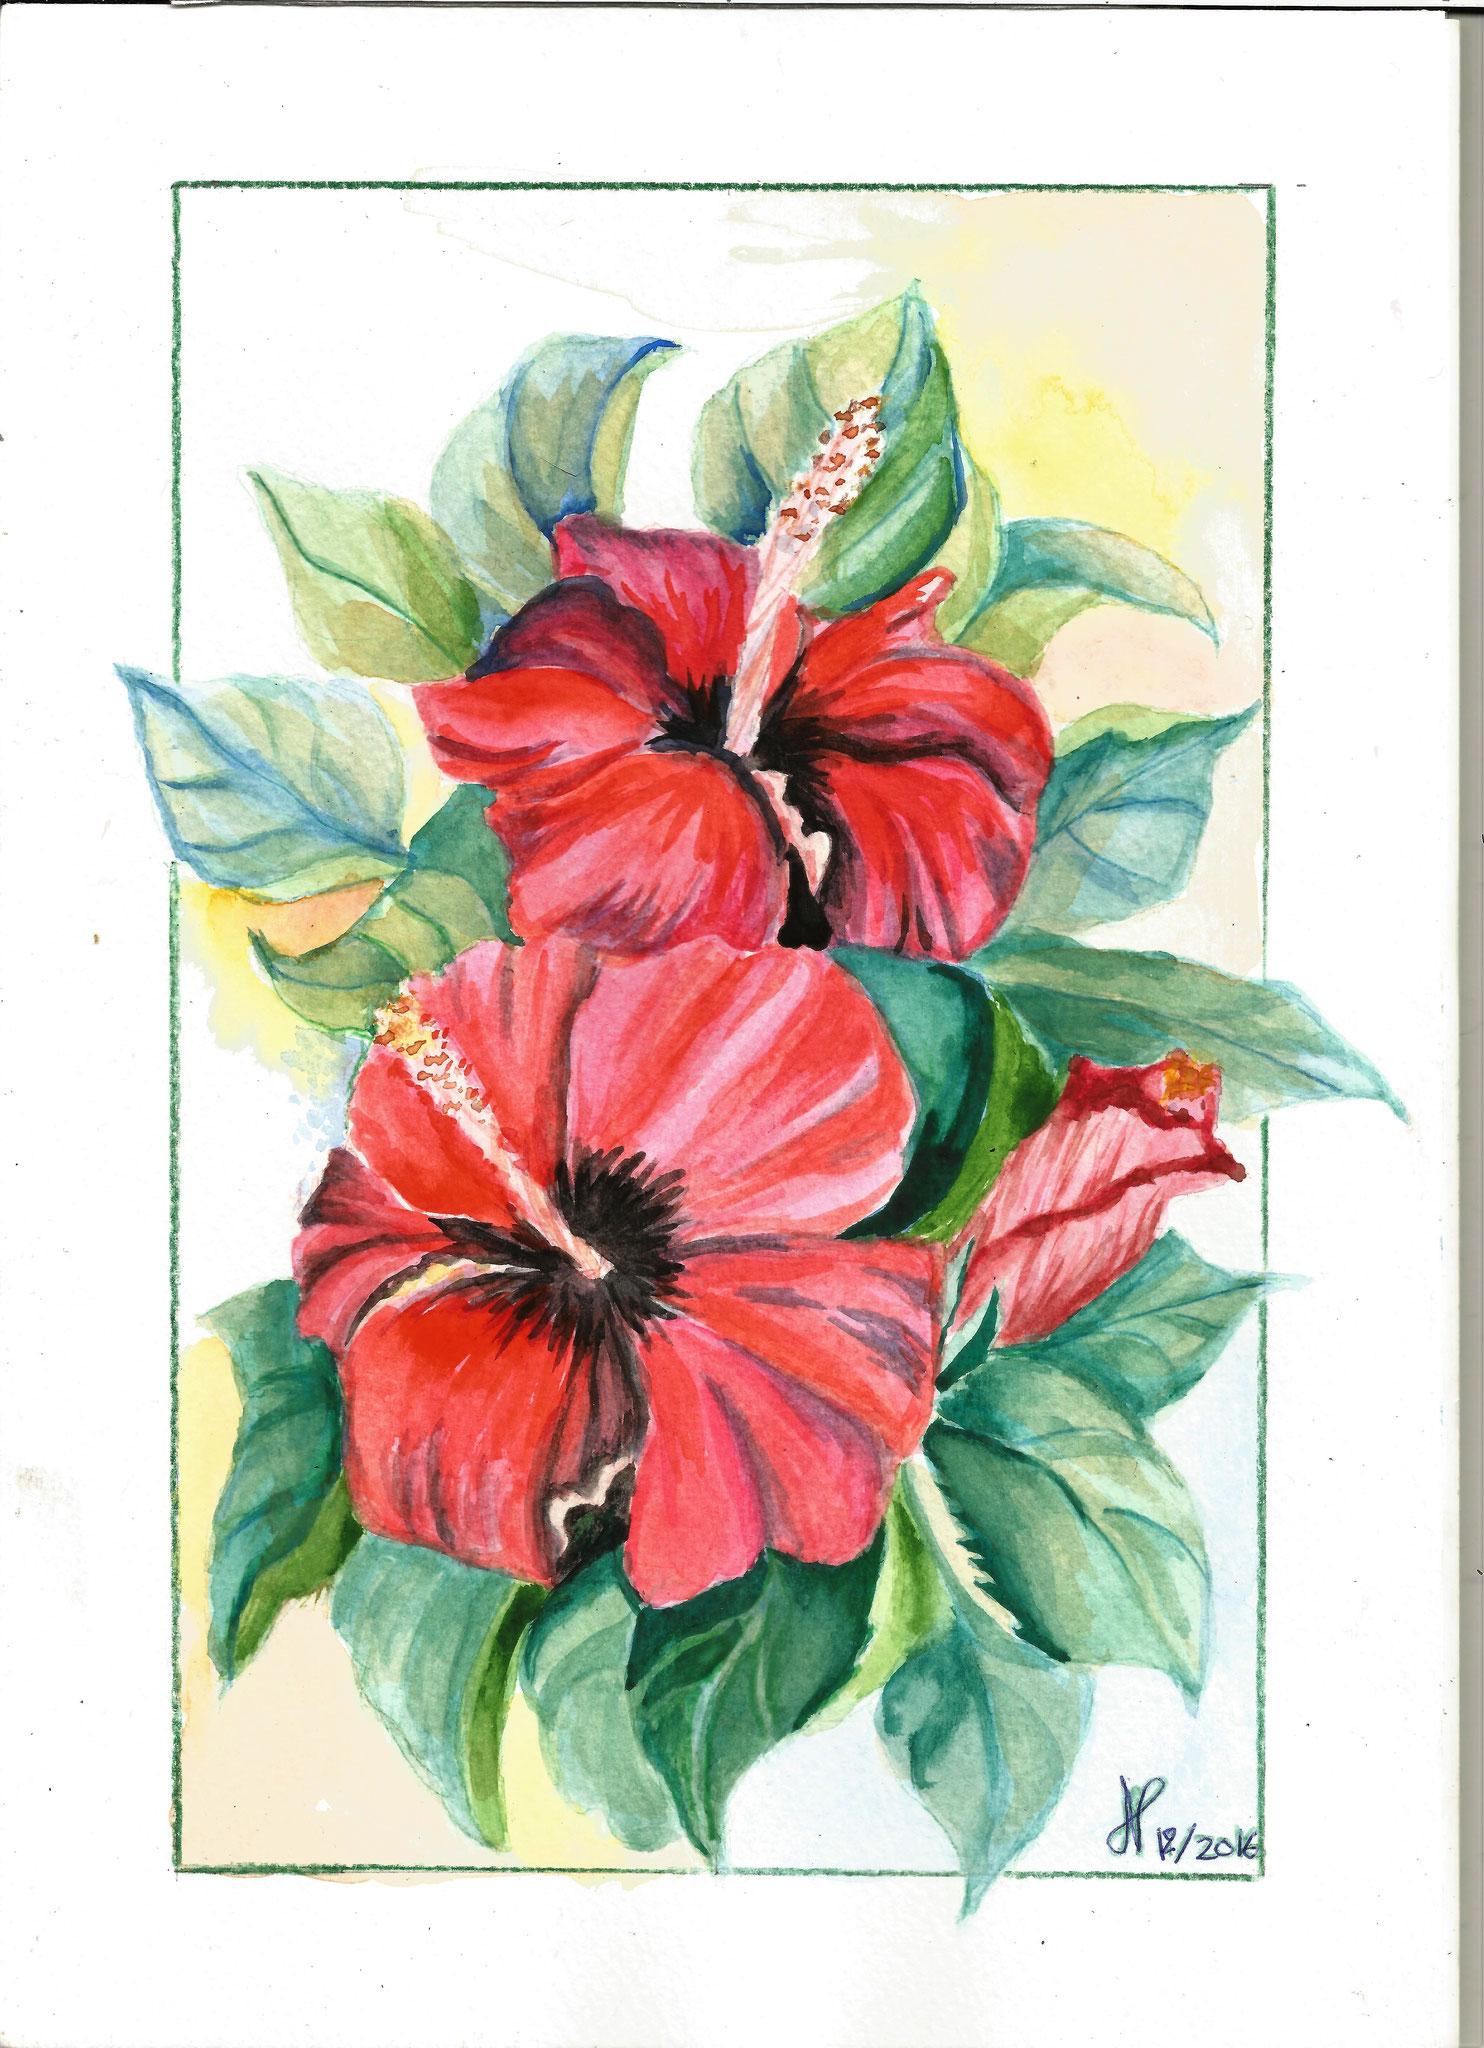 Hibiscus aquarelle dec 2016 Josette